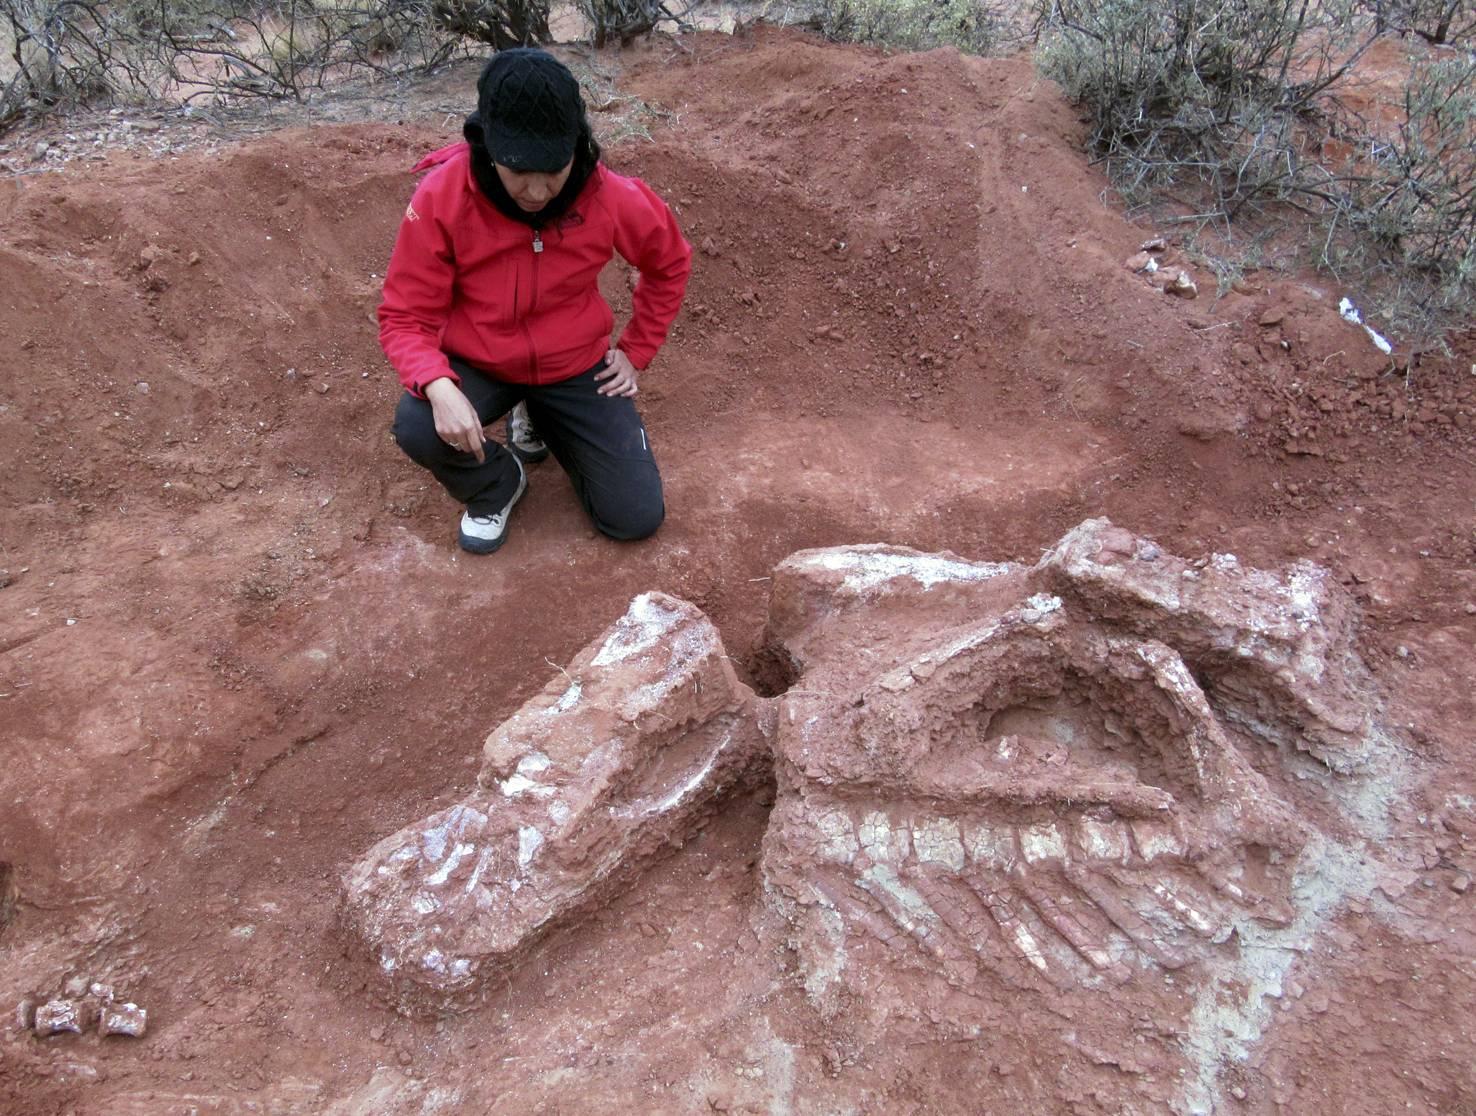 Se ha descubierto en Argentina una nueva especie de dinosaurio, el primero y más antiguo de los dinosaurios gigantes